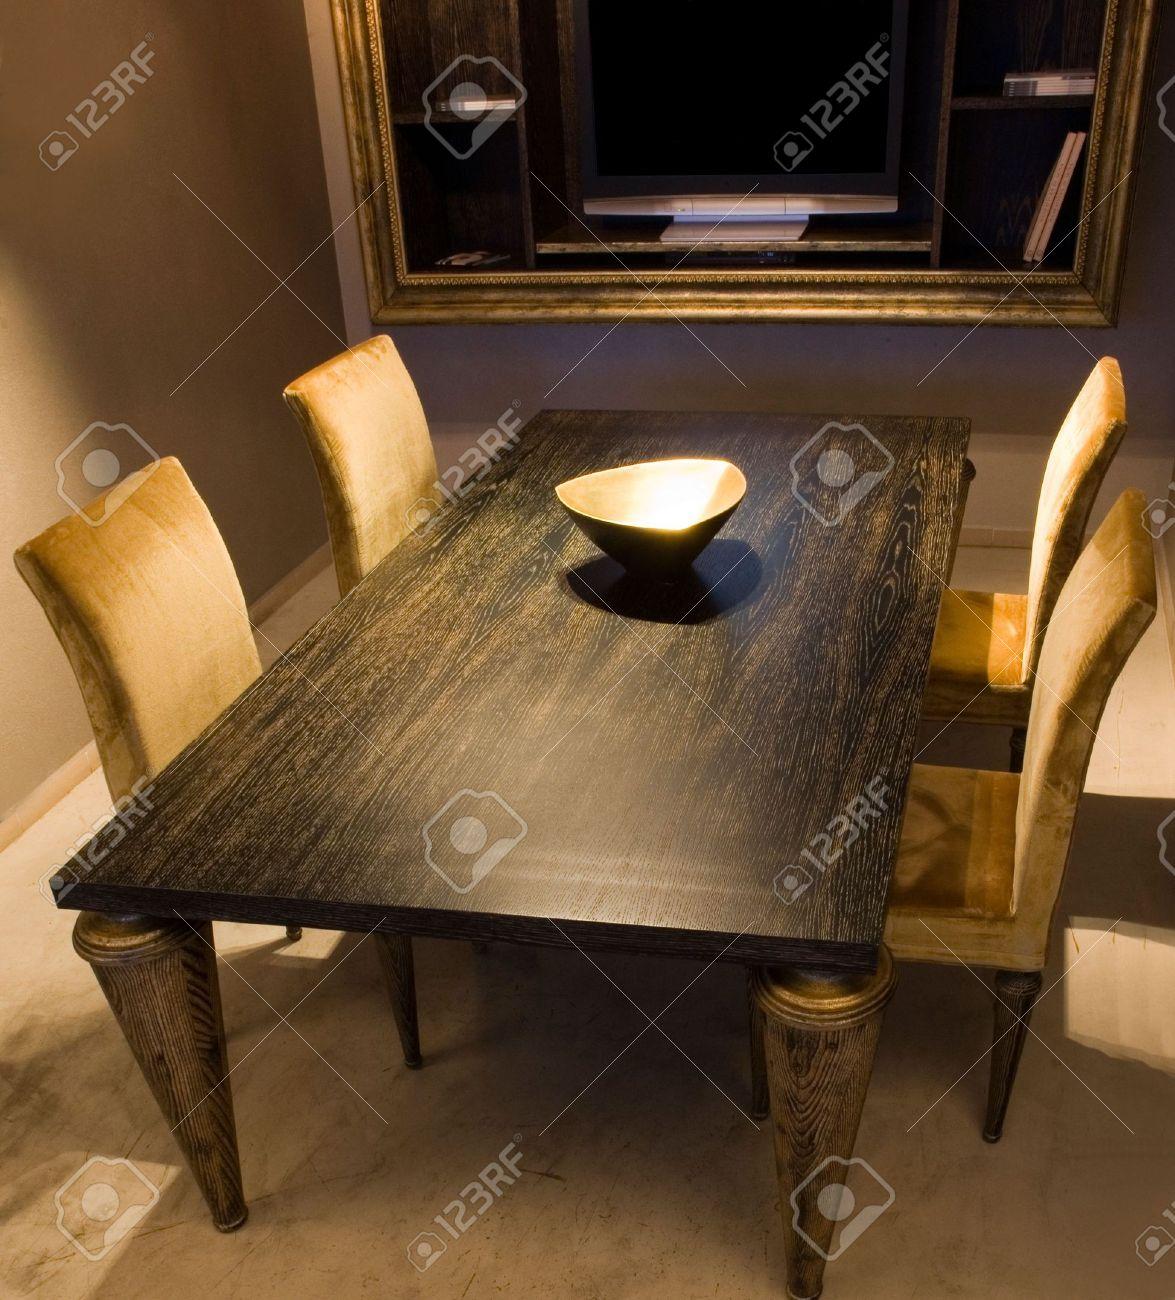 salle a manger avec table en bois noir et jaune des chaises